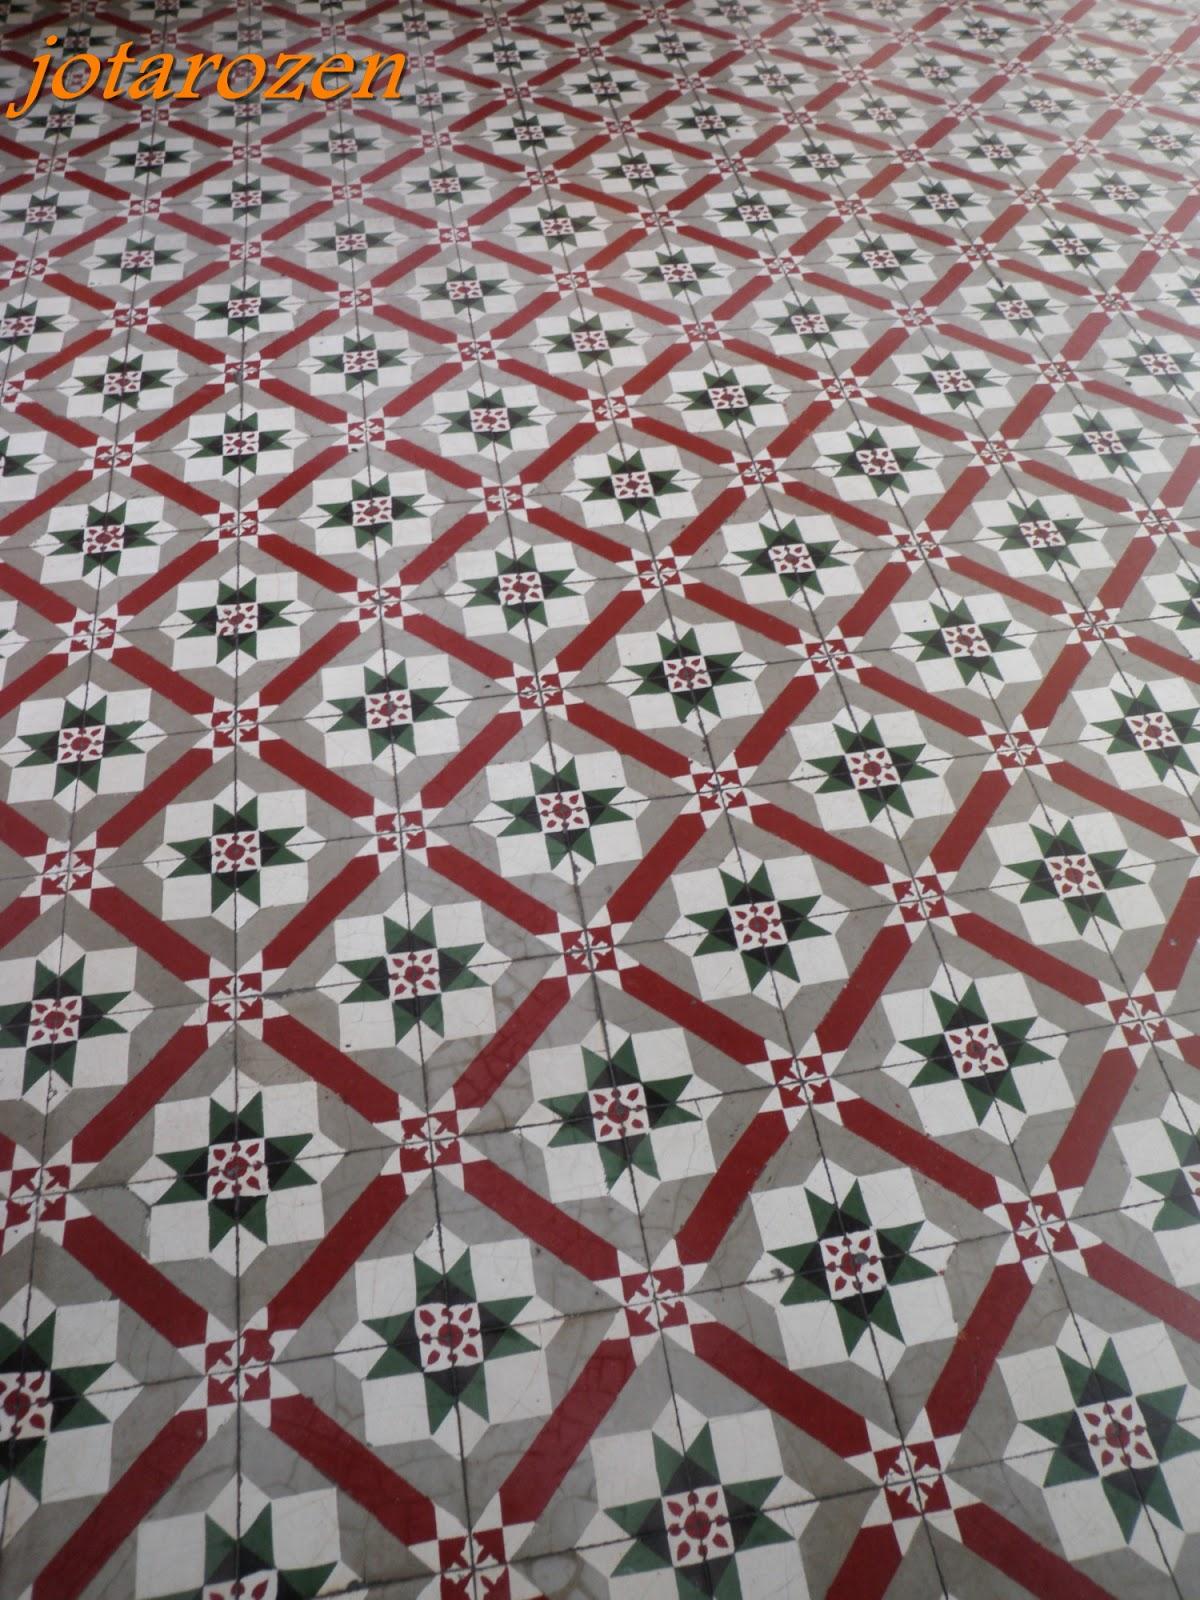 ... Geometric Patterns , Chinese Fabric Patterns , Chinese Patterns